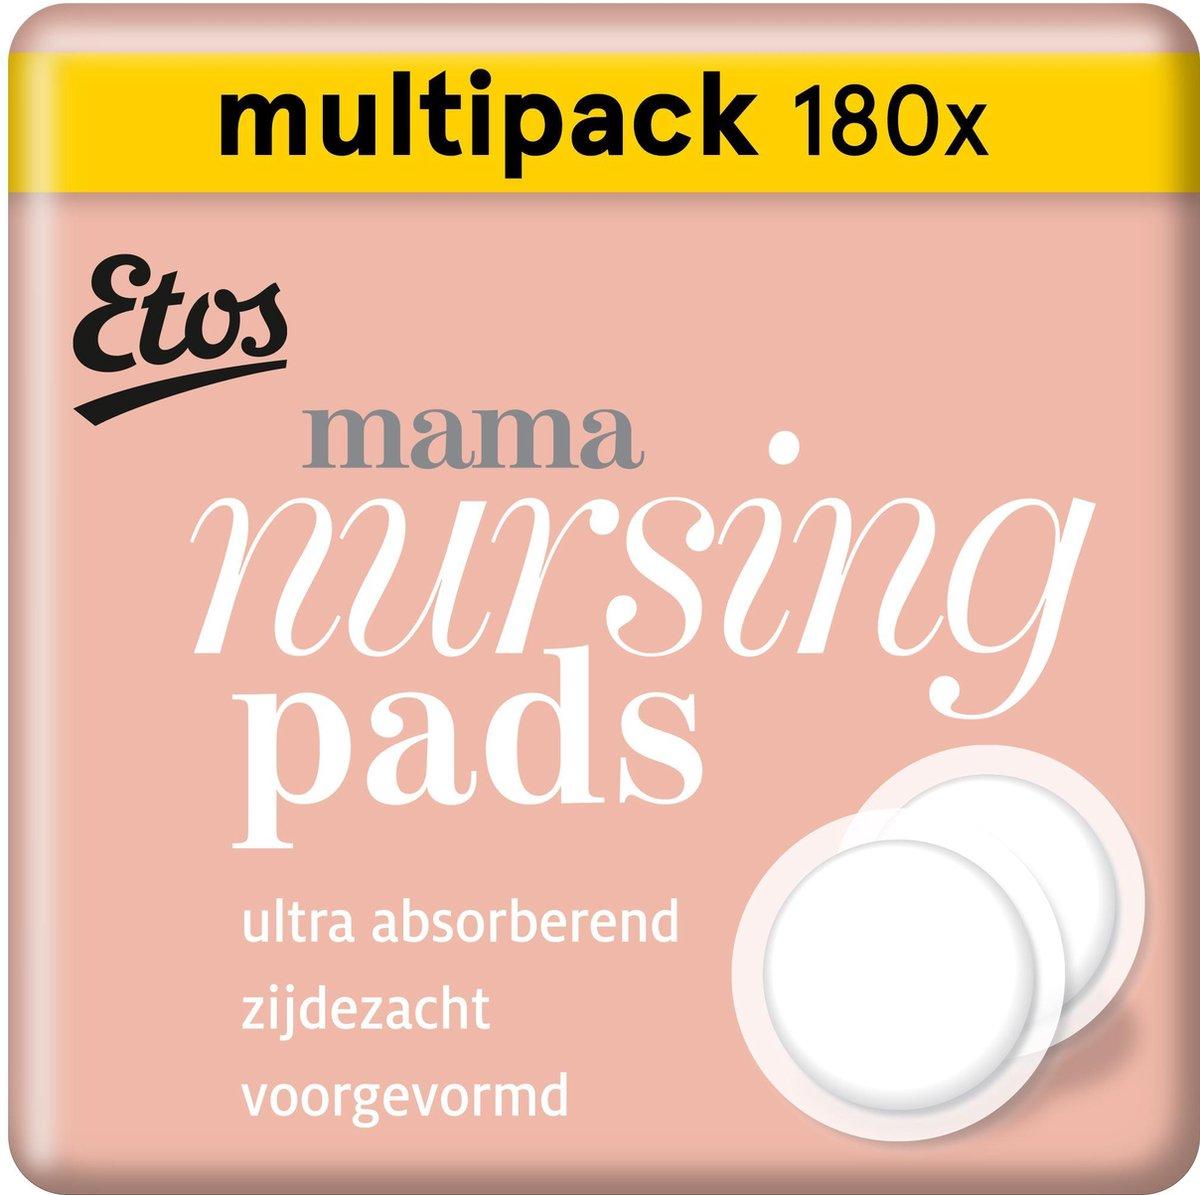 Etos zoogcompressen voor mama - 180 stuks (6 x 30 stuks)